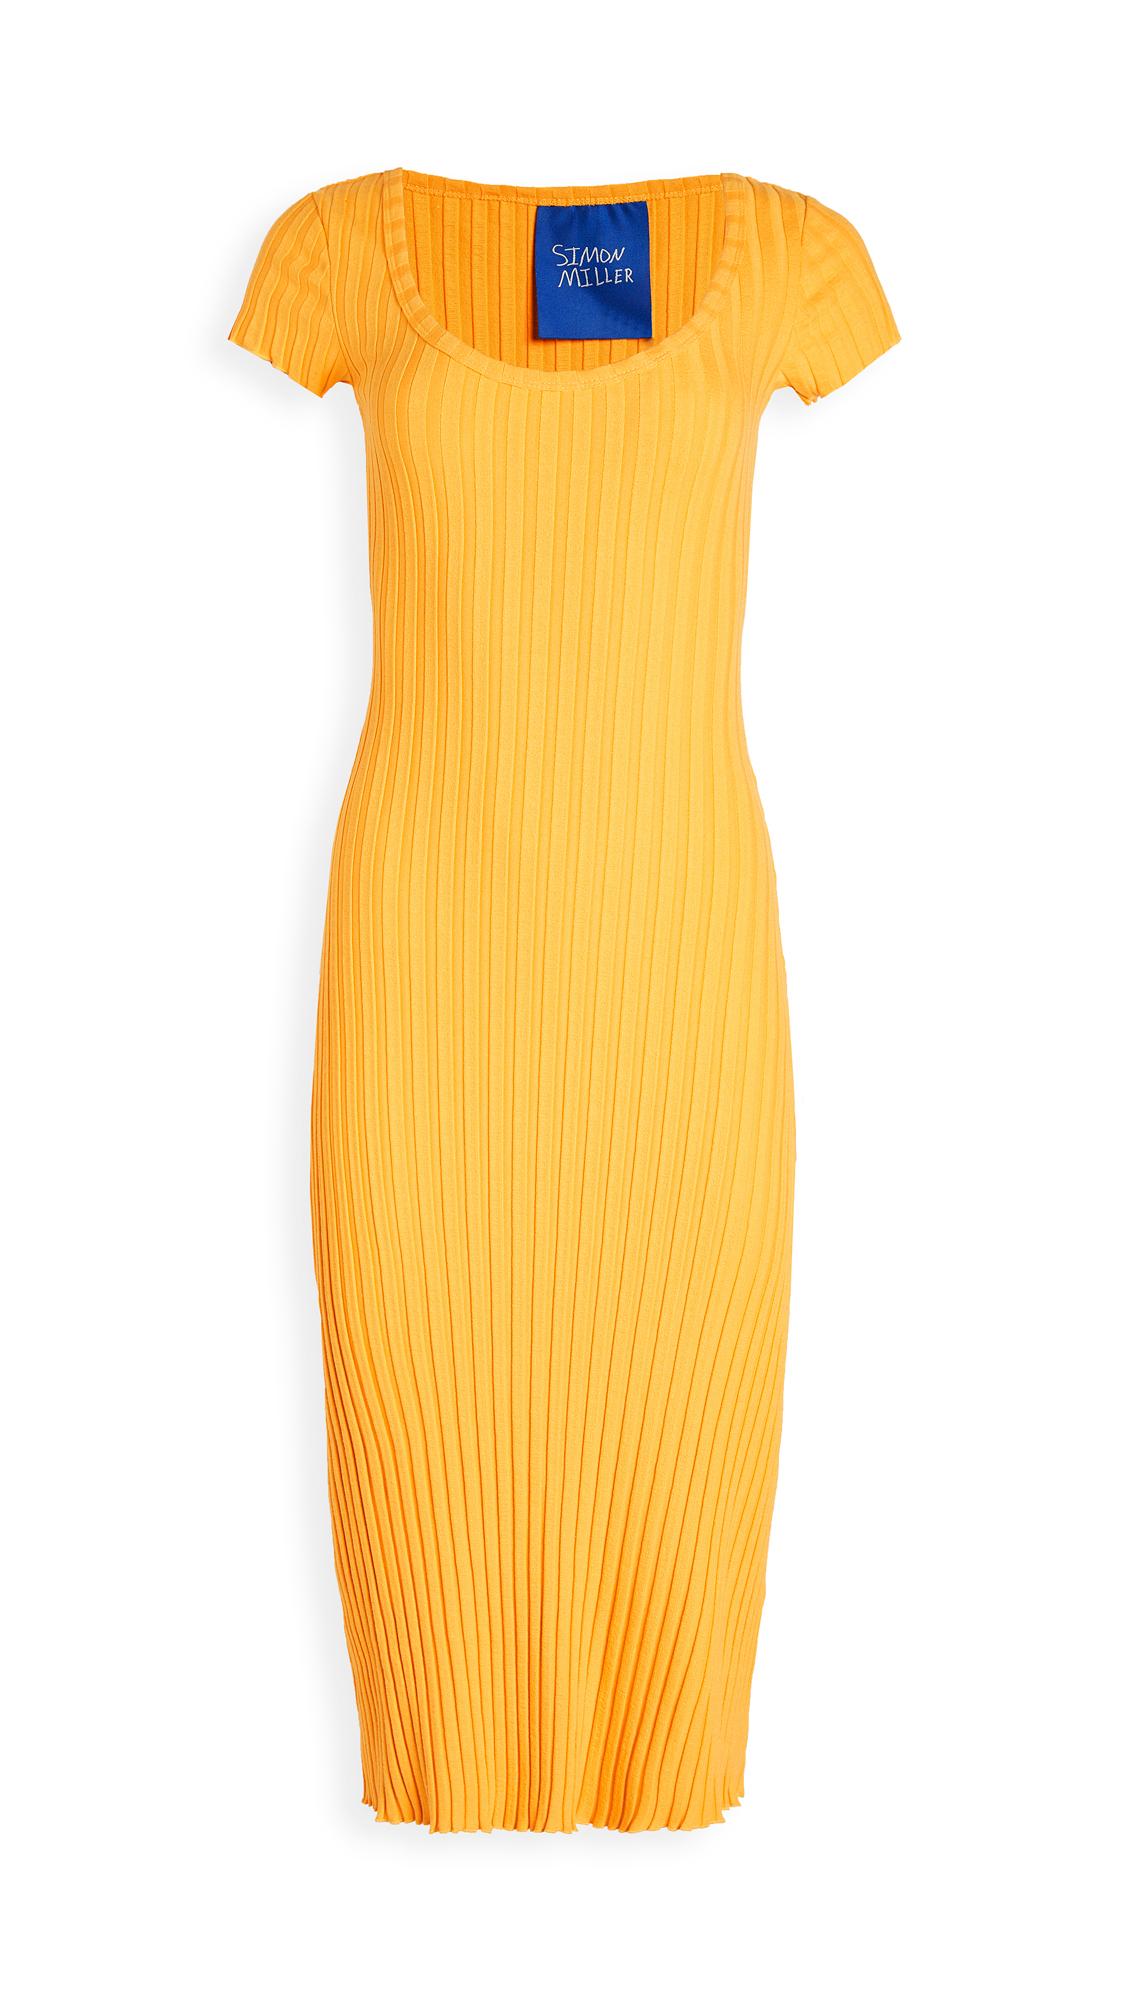 Photo of Simon Miller Andros Dress - shop Simon Miller Clothing, Dresses online